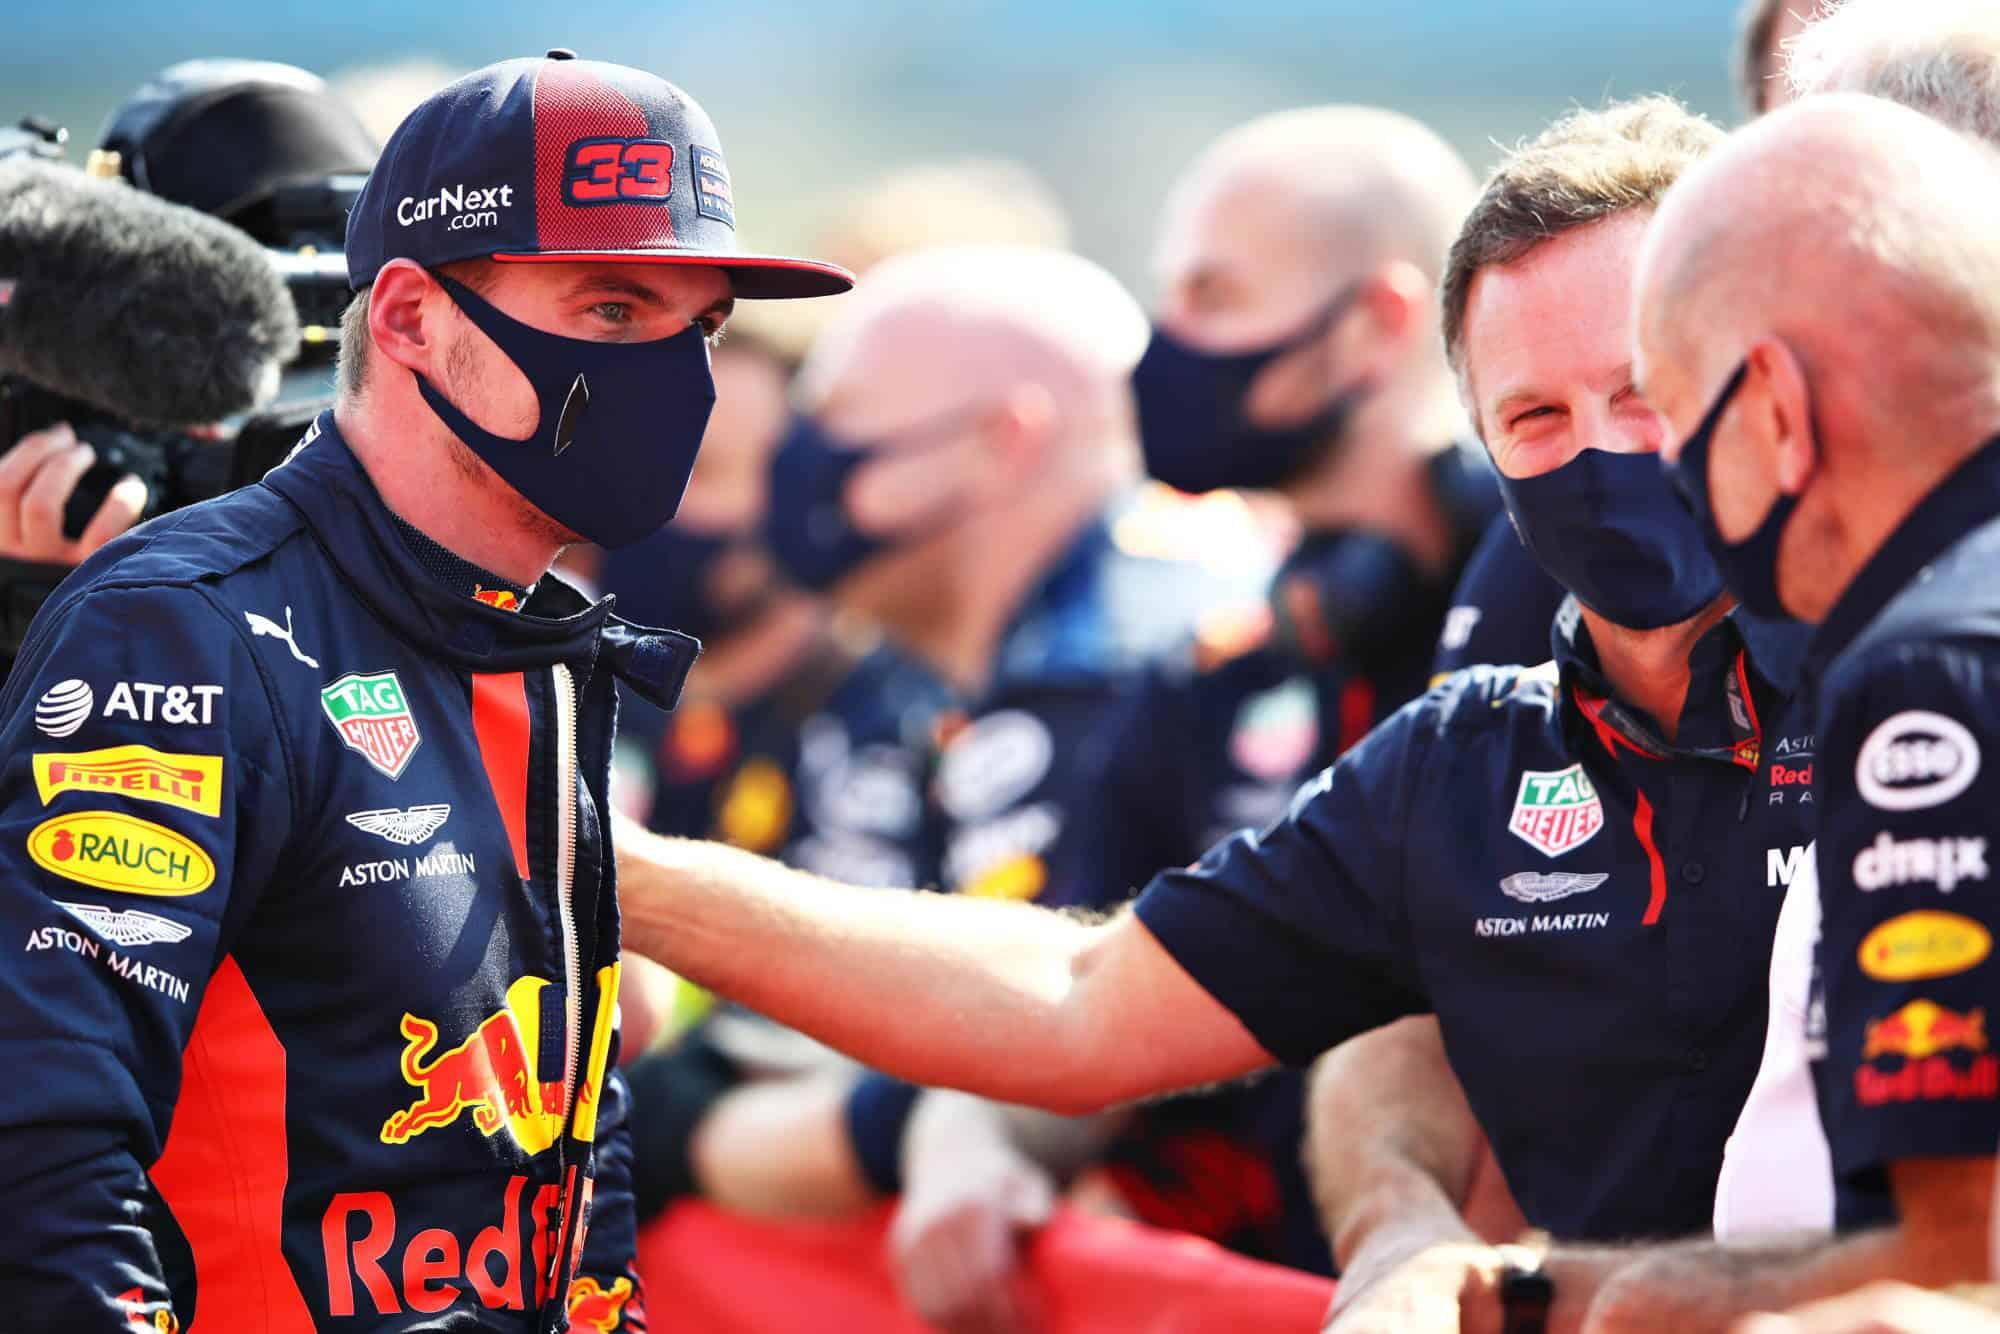 2020 70th Anniversary Verstappen Horner Newey Red Bull Photo Red Bull